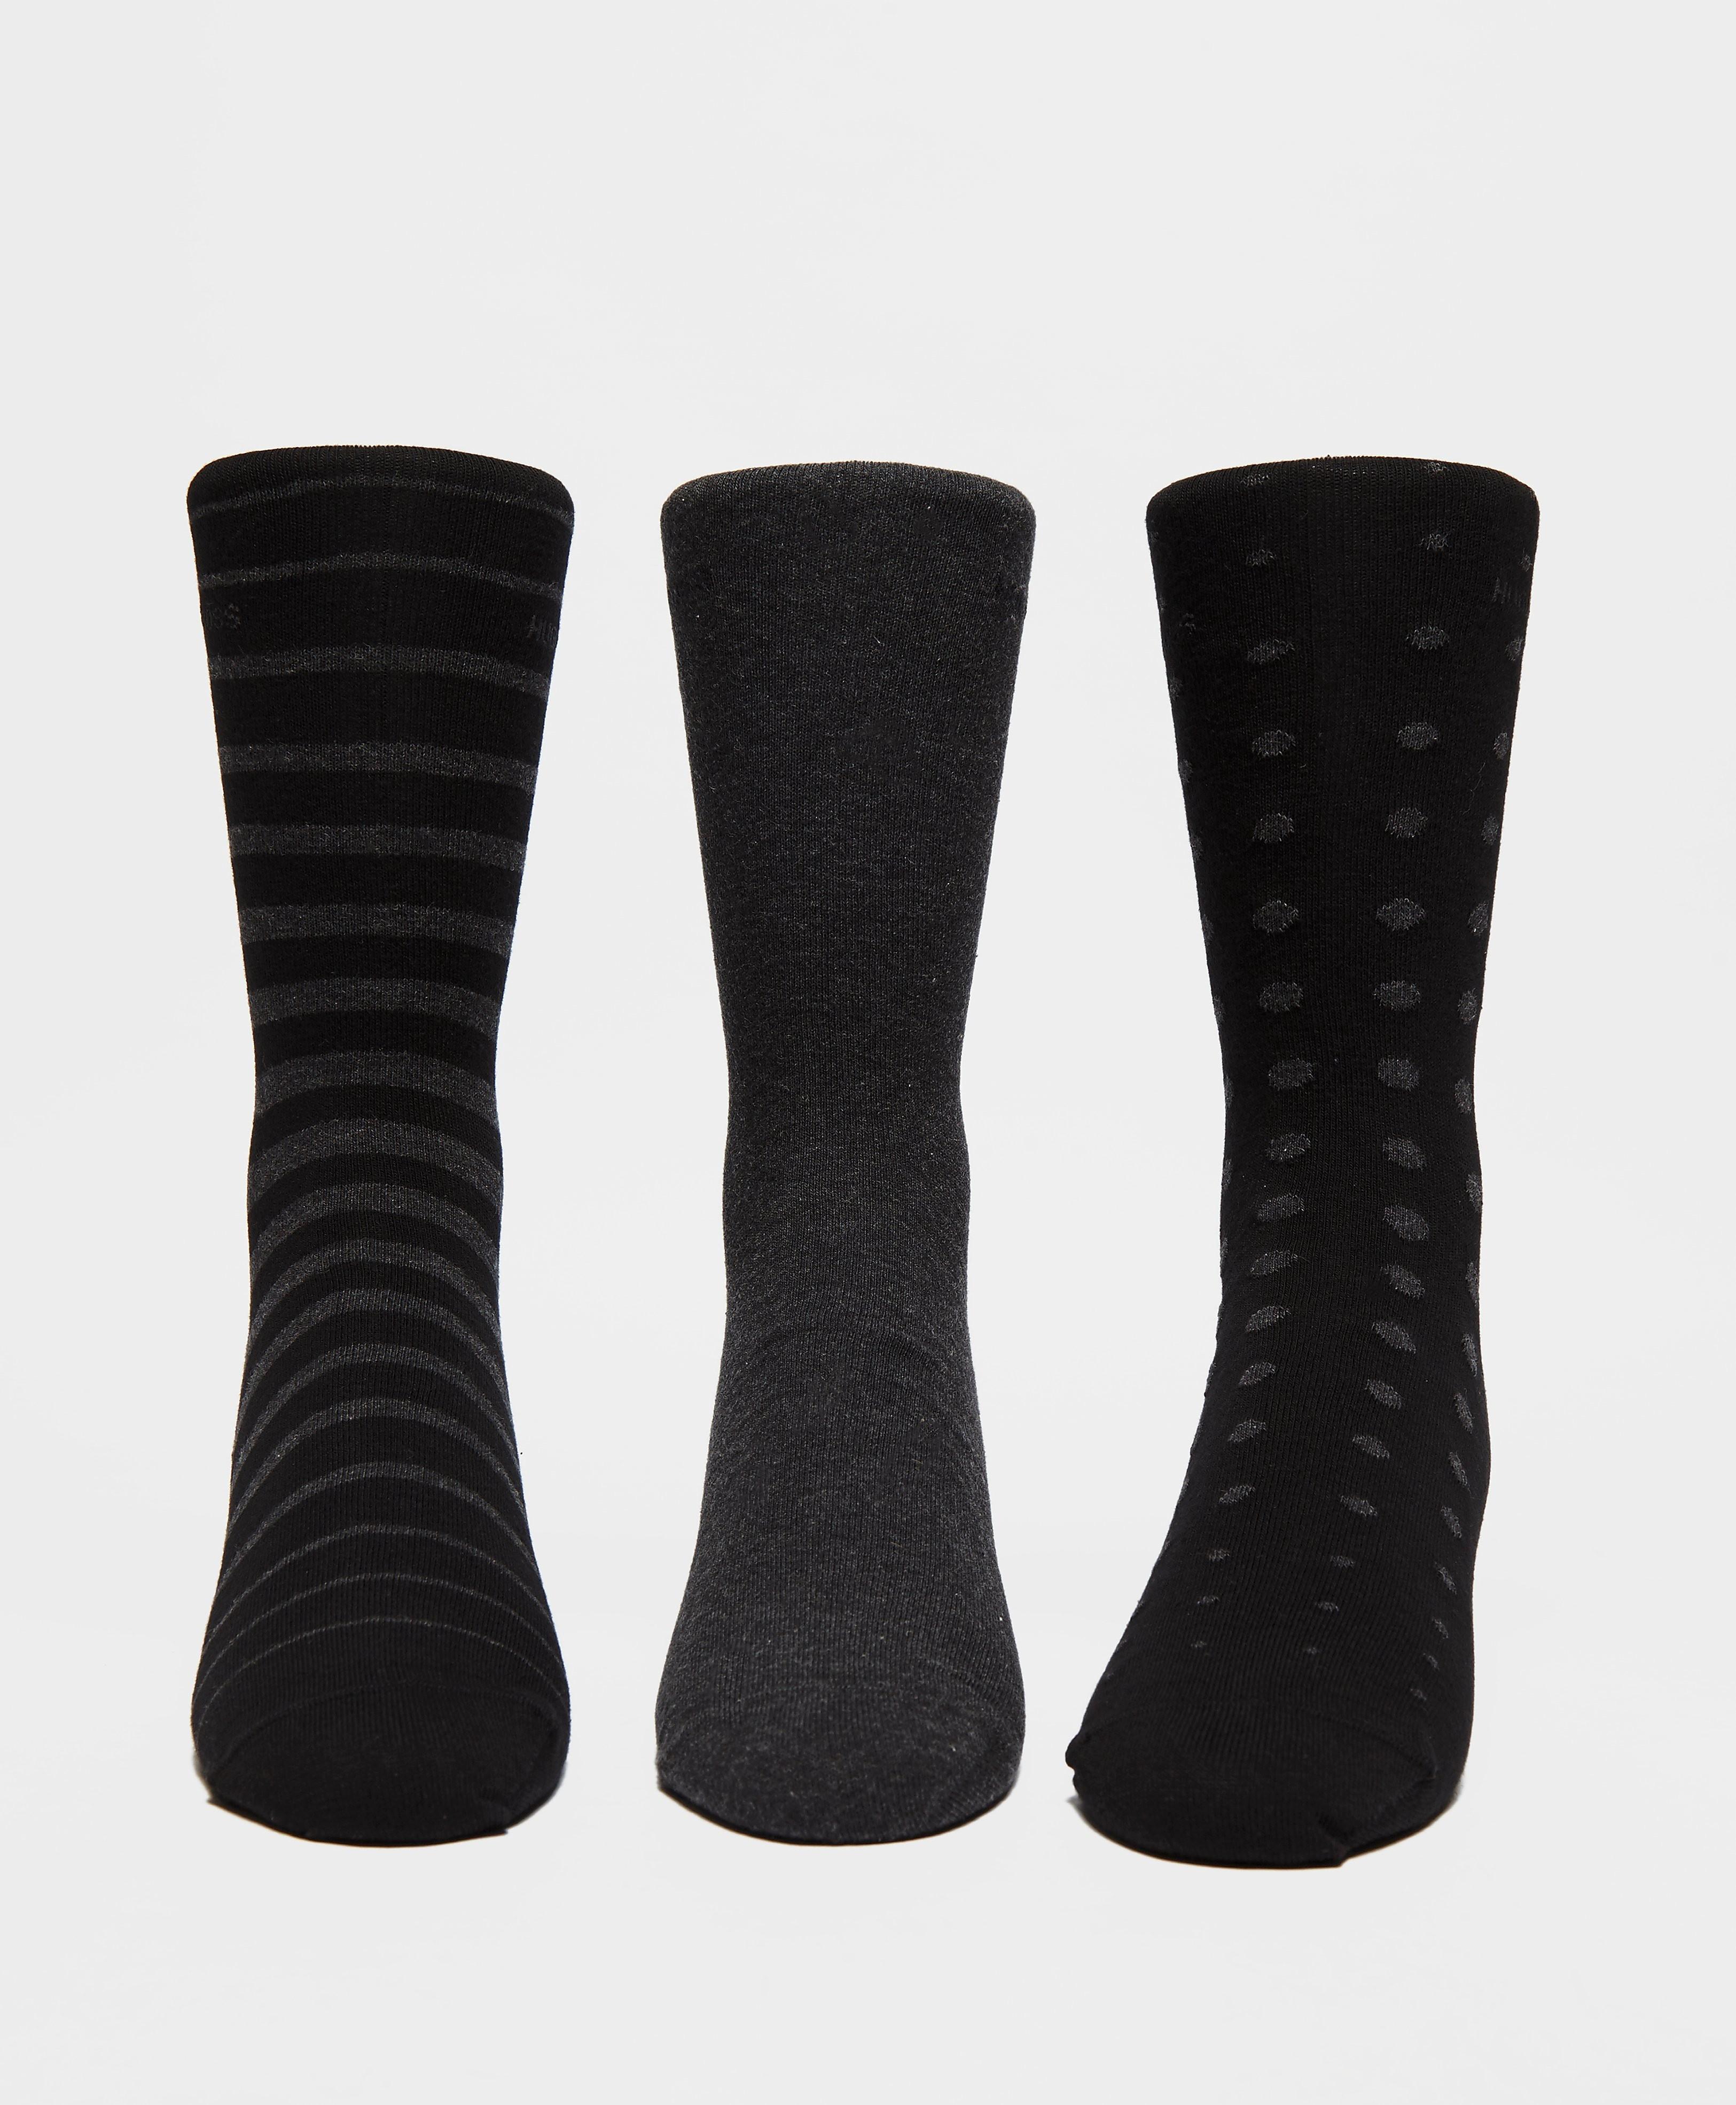 BOSS 3 Pack Socks